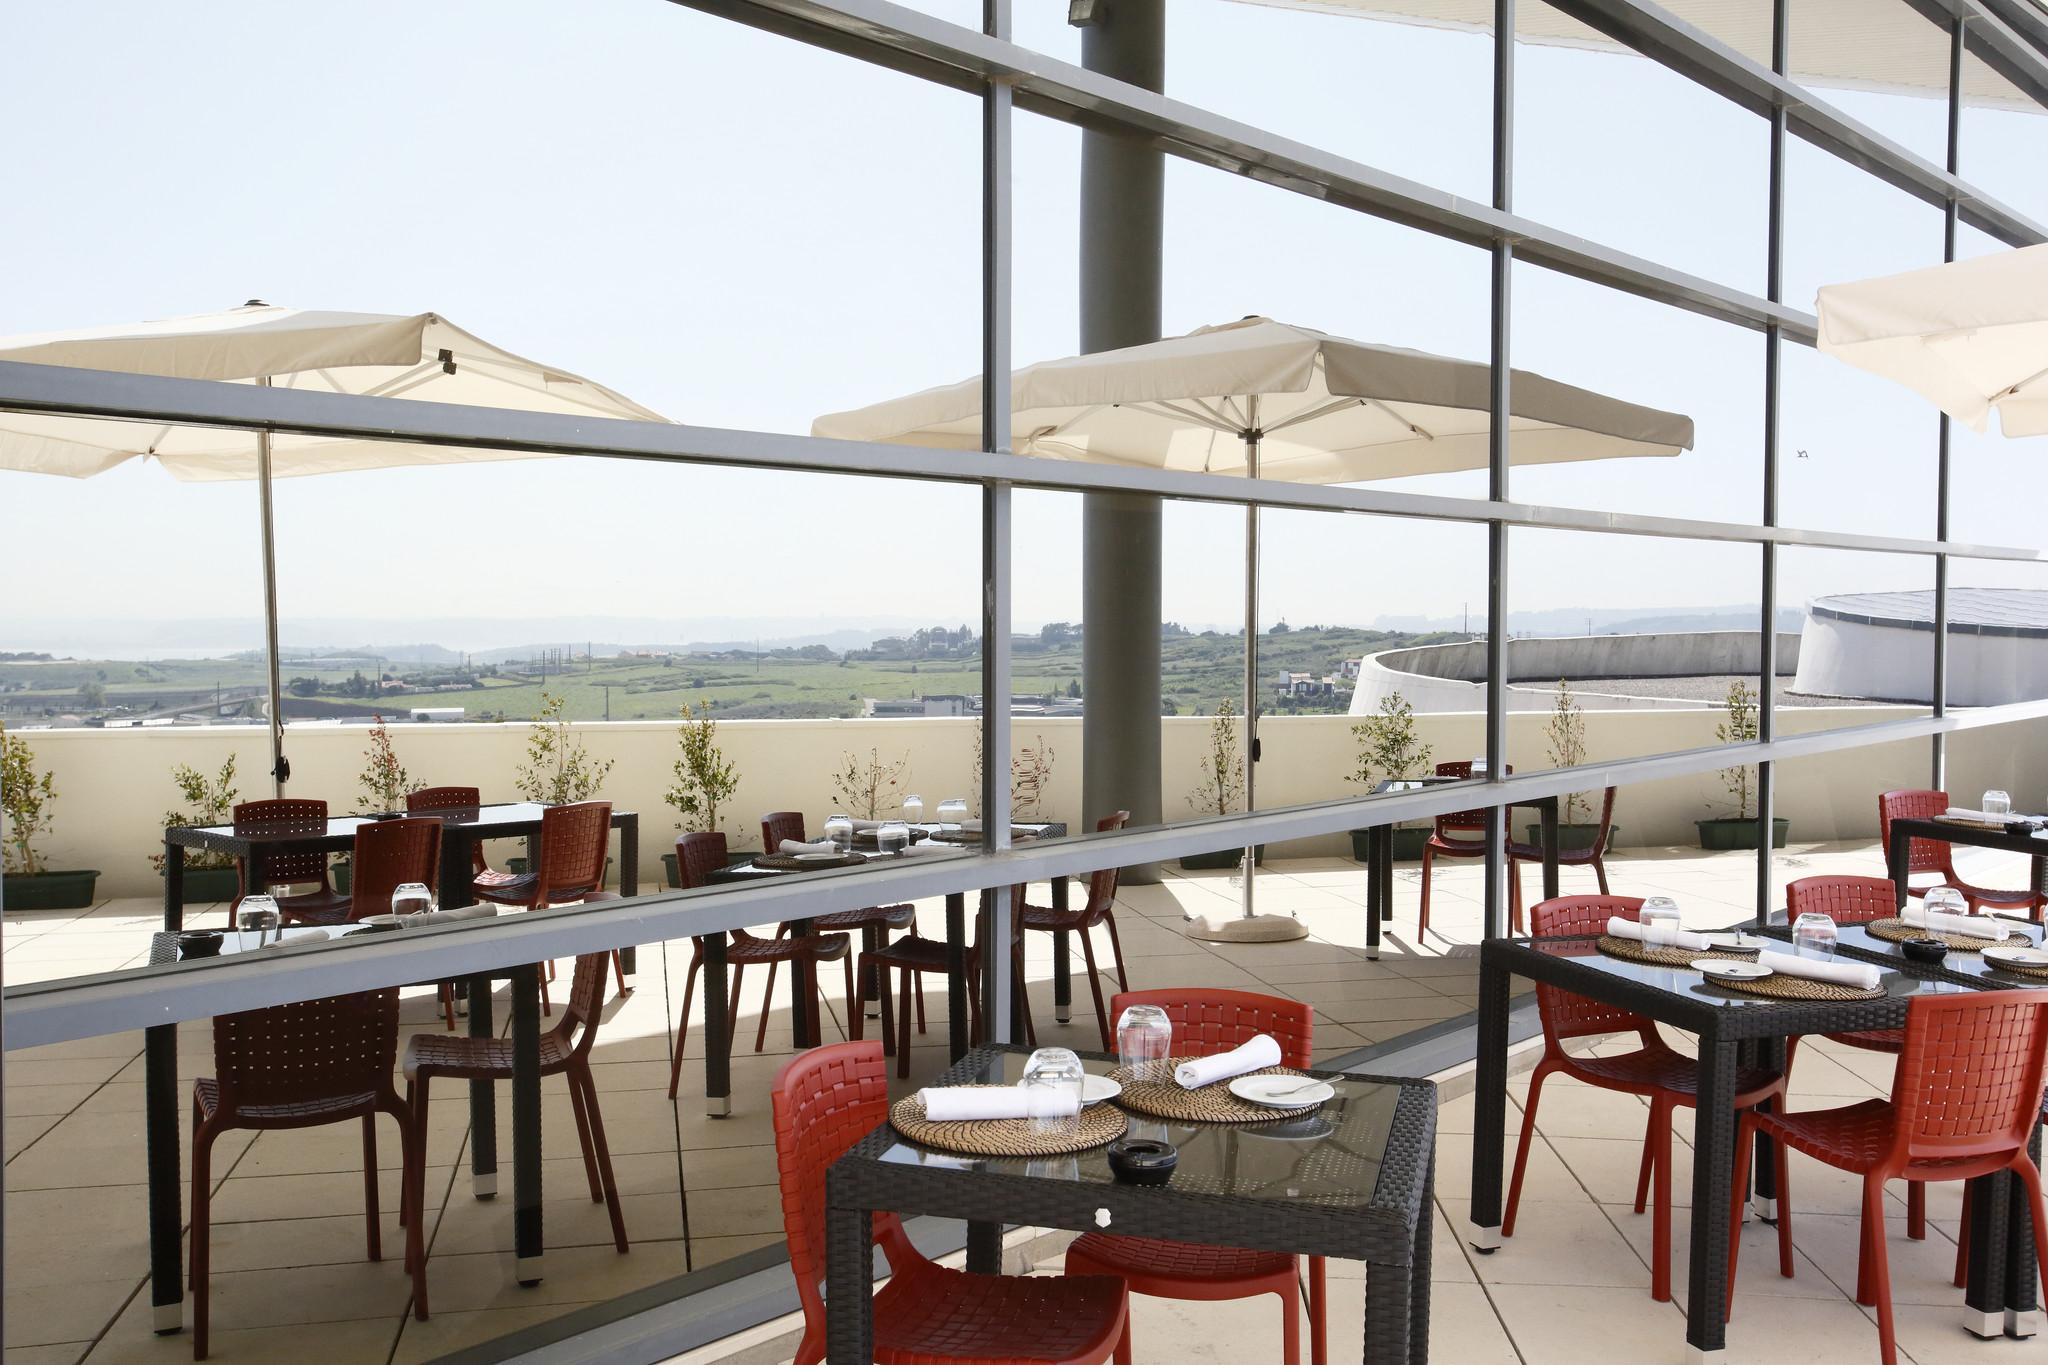 mj restaurante panoramico 10.jpg